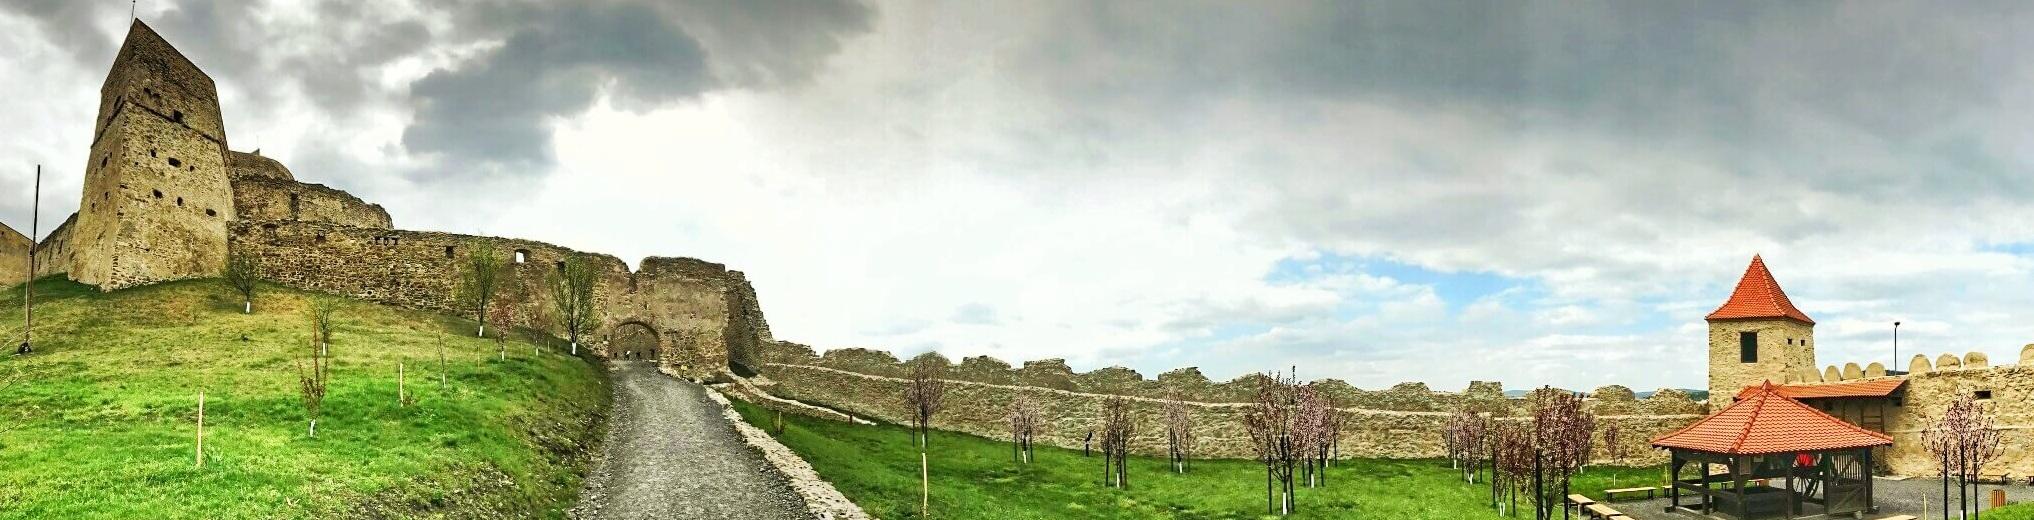 Cetatea RUPEA panoramă